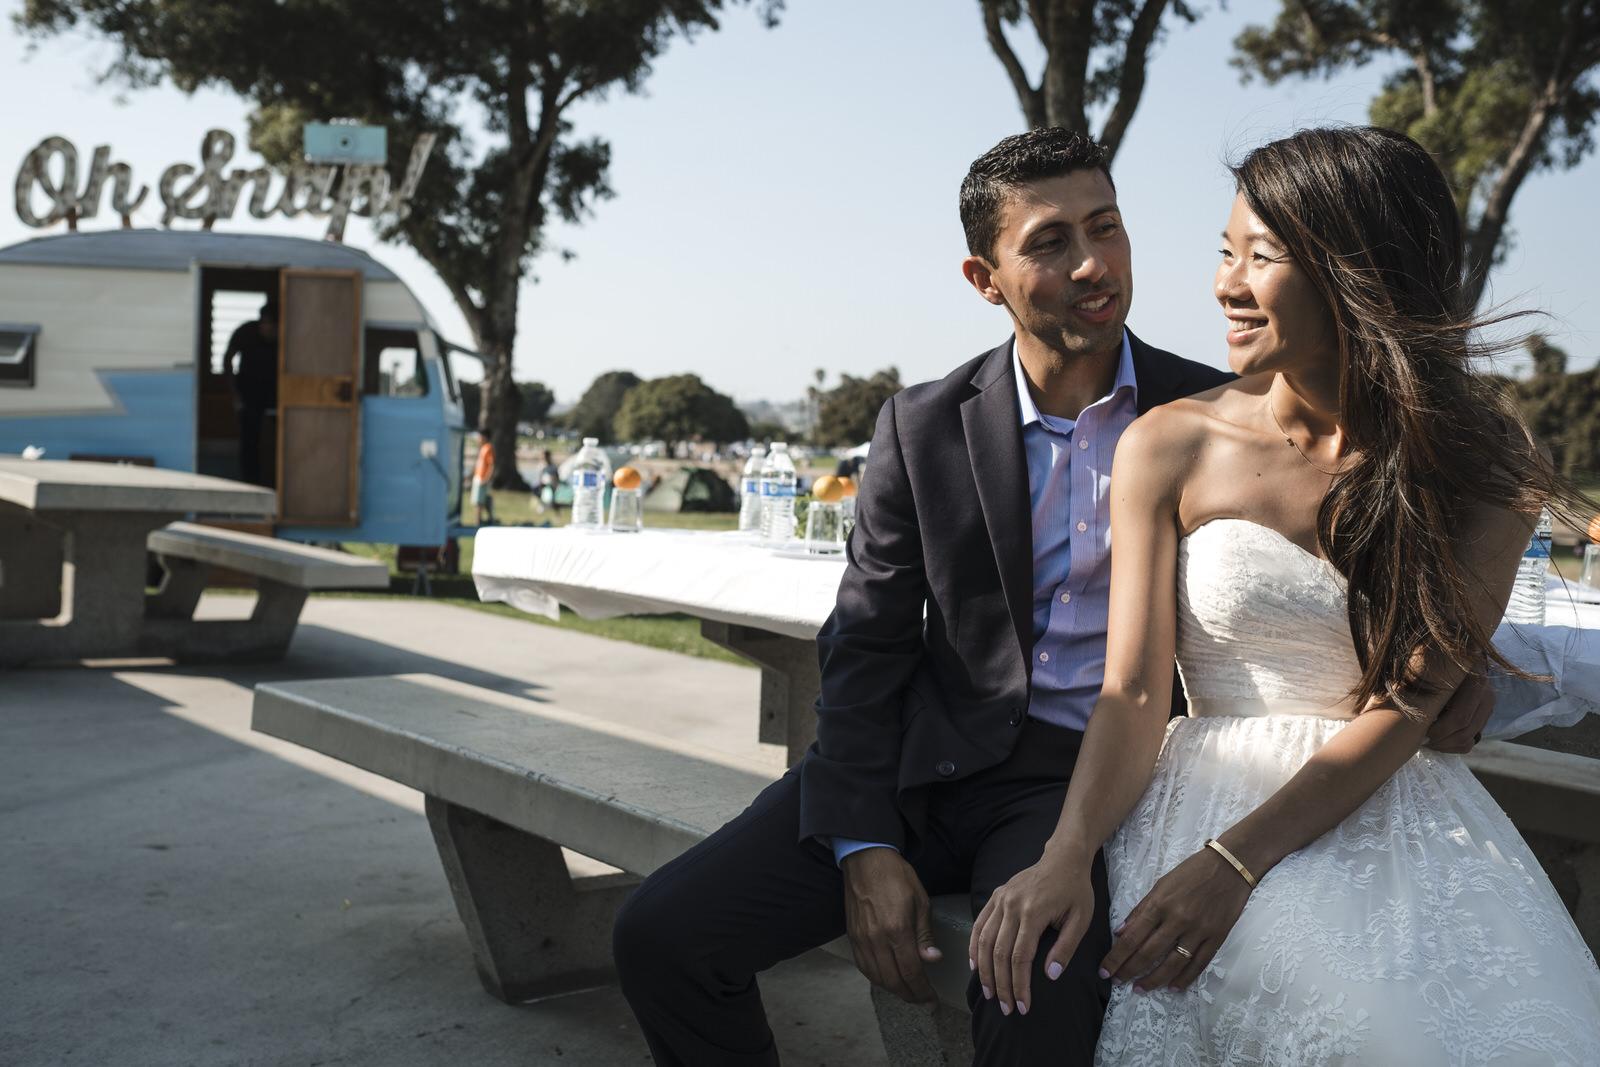 nha_carlos_san_diego_wedding (250).jpg